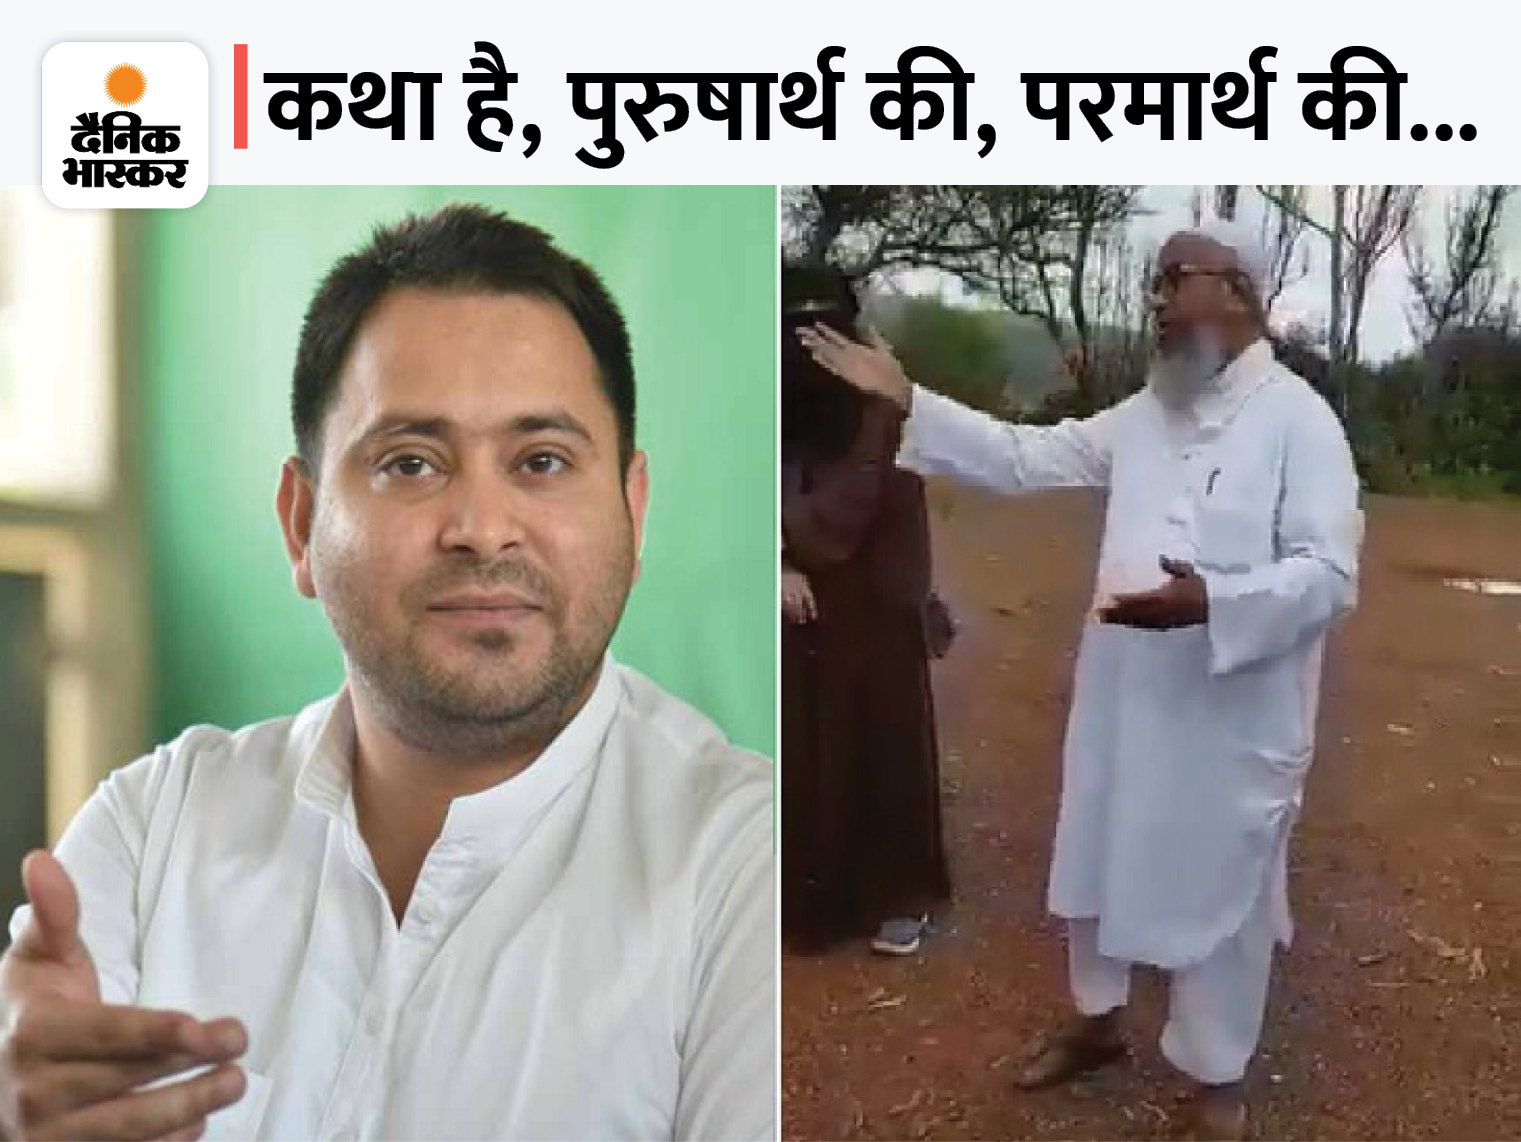 बी आर चोपड़ा वाली सीरीज का टाइटल सॉन्ग गाते हुए व्यक्ति का VIDEO पोस्ट किया; लिखा- इसी भाईचारे को नफरती ताकतें मिटाना चाहती हैं बिहार,Bihar - Dainik Bhaskar